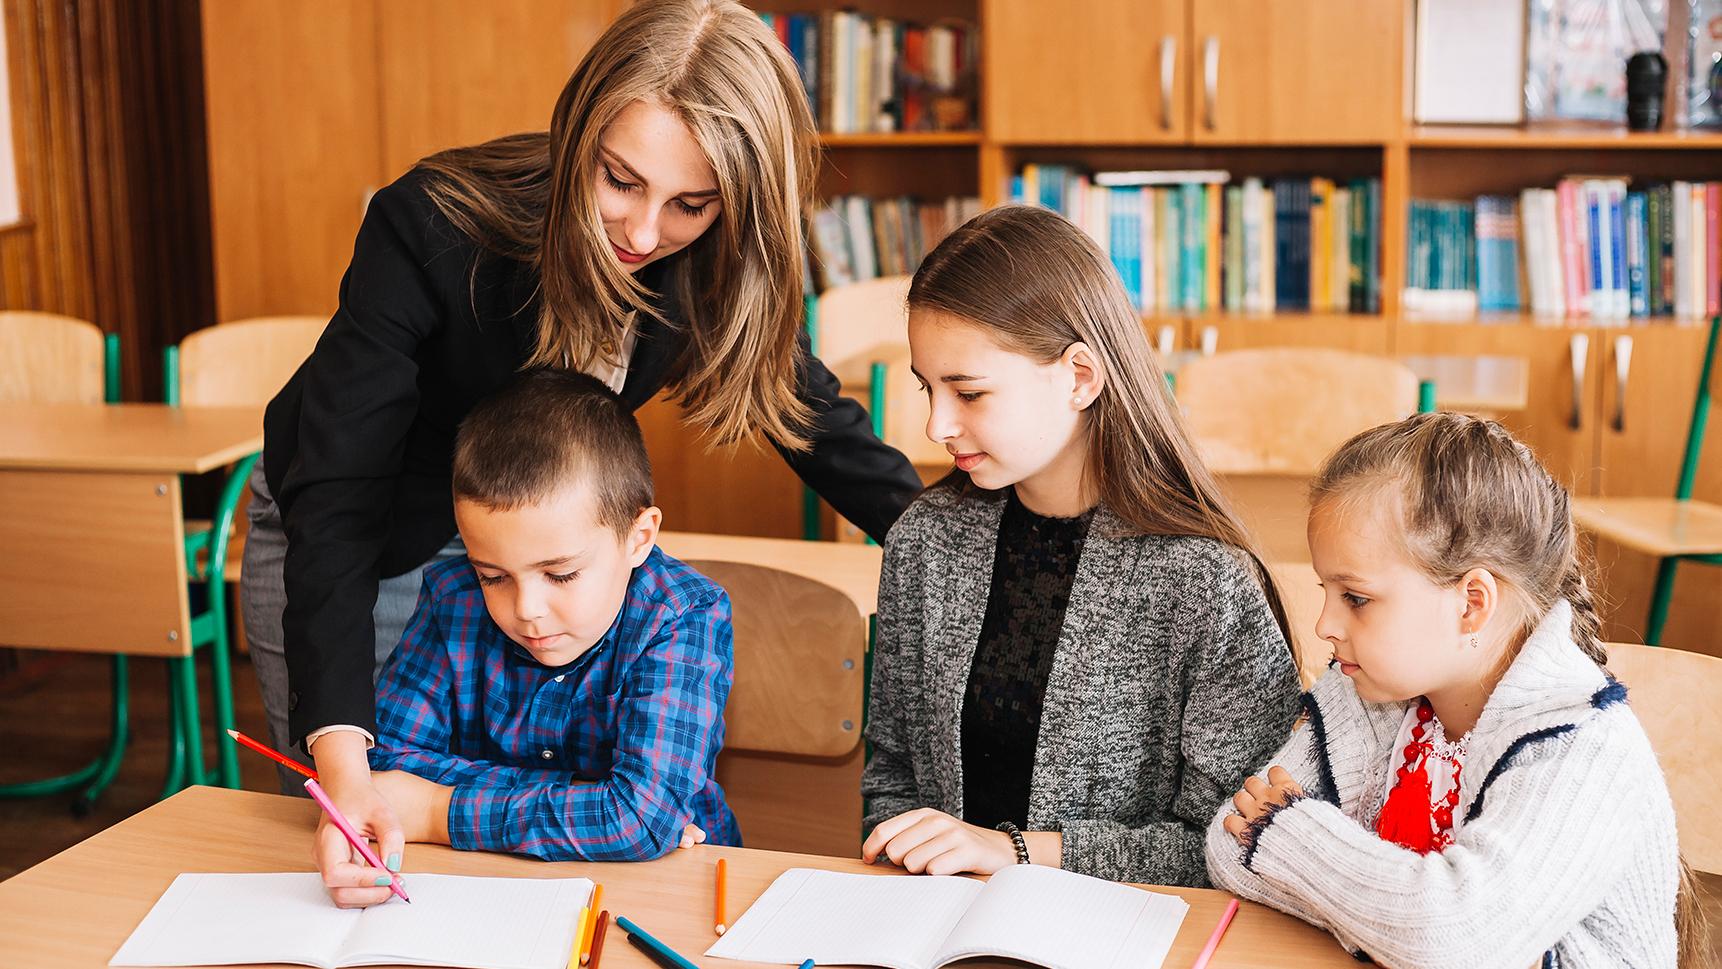 77 педагогов Вологодчины пройдут повышение квалификации в этом году